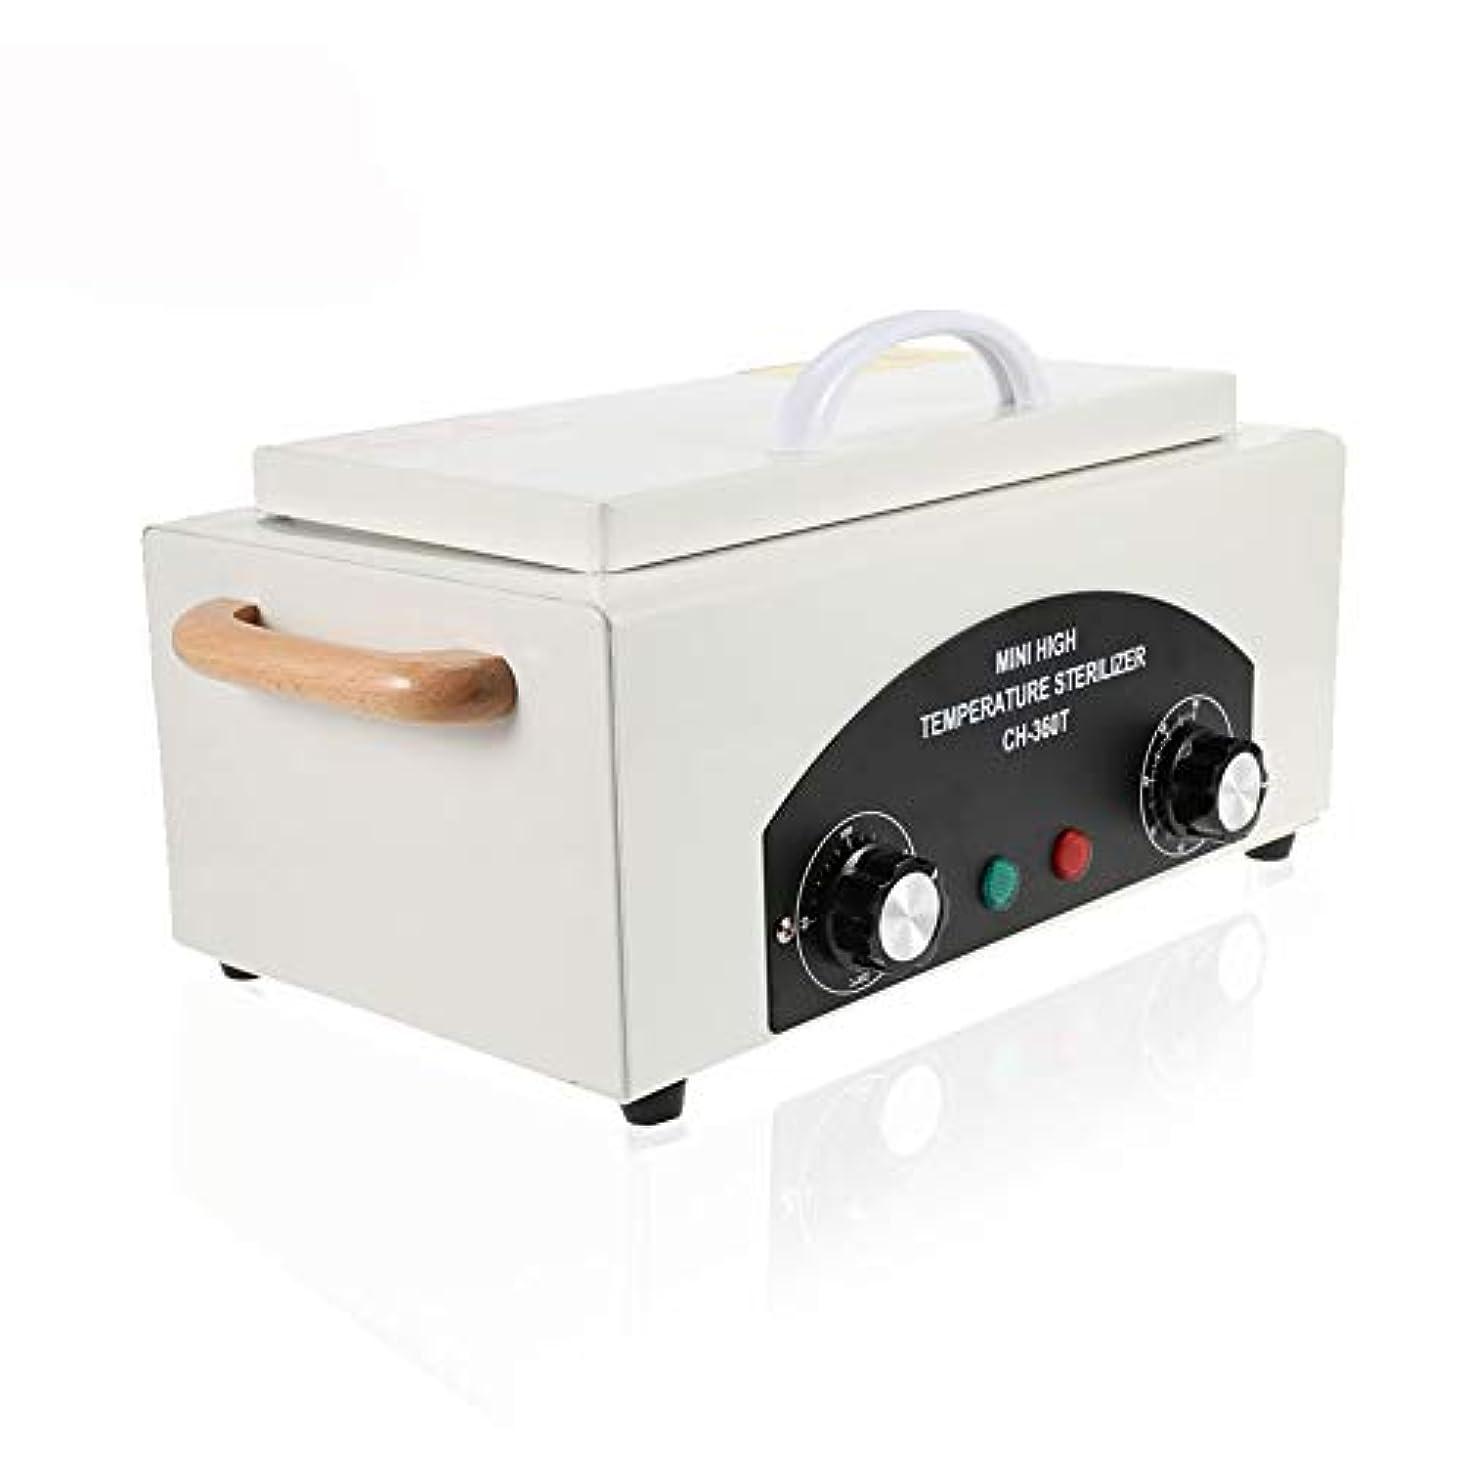 くるくるメンタリティチーズ300ワットドライヒート高温UV殺菌ボックスネイルアートツール殺菌ボックス熱気消毒キャビネットネイルアクセサリー